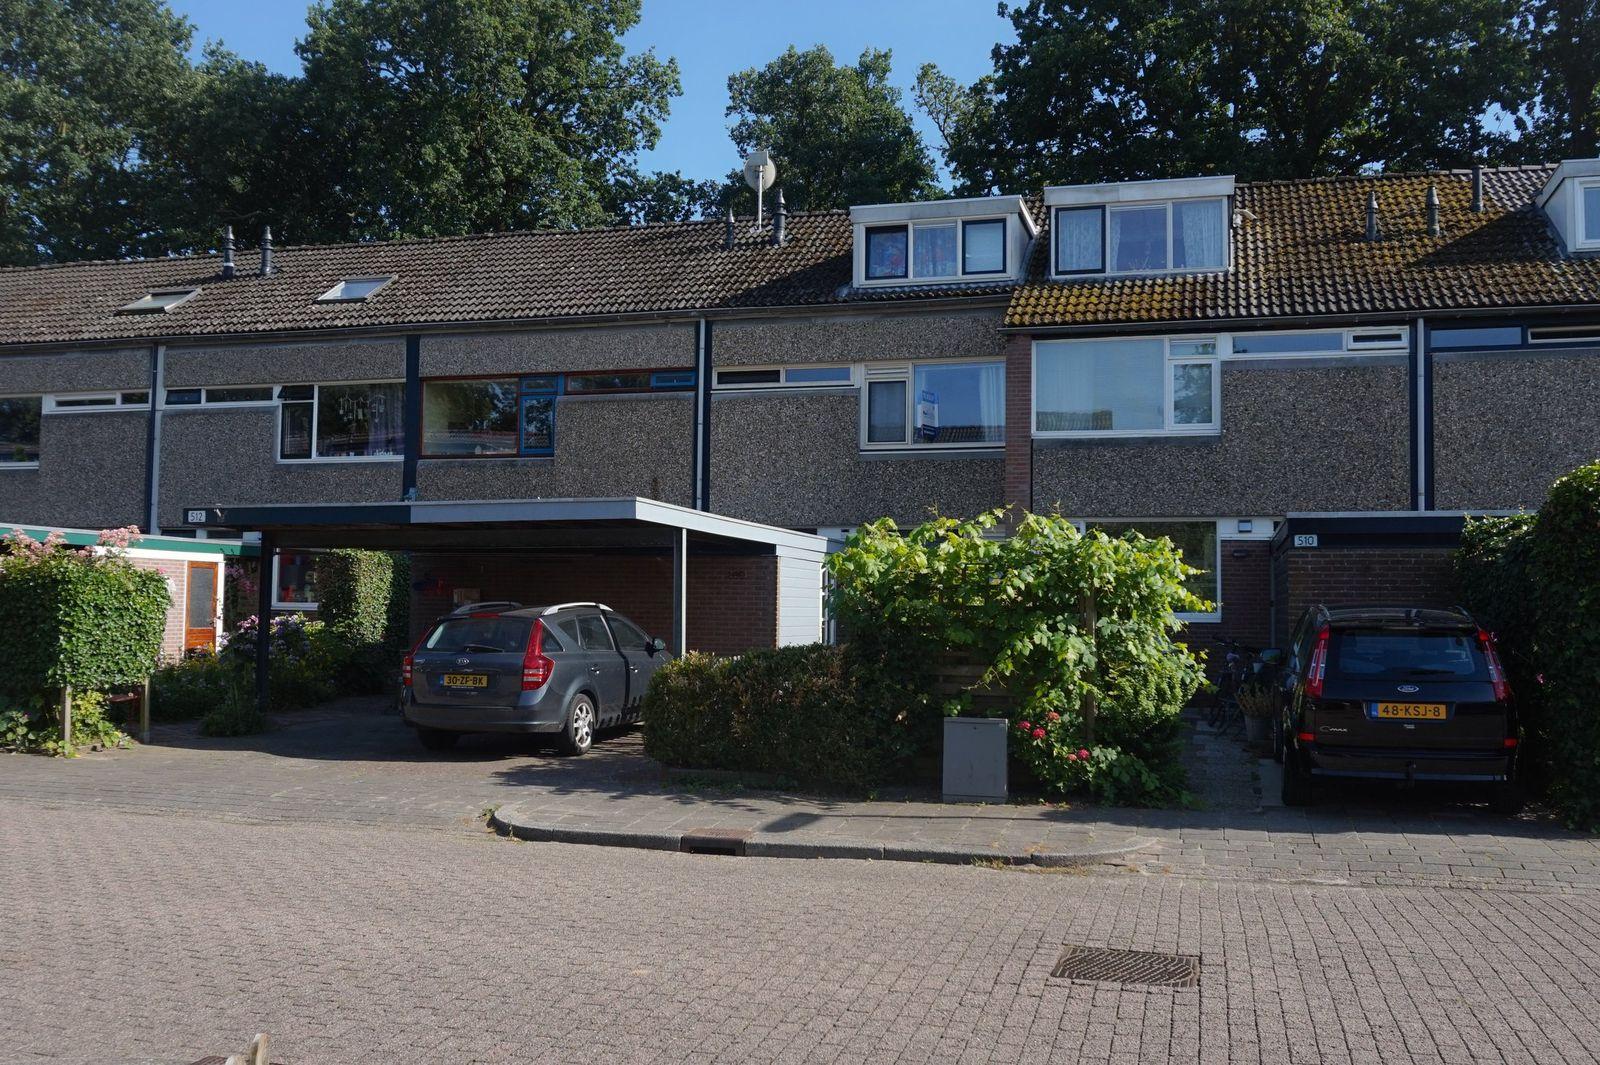 Scheerdersdonk 511, Apeldoorn